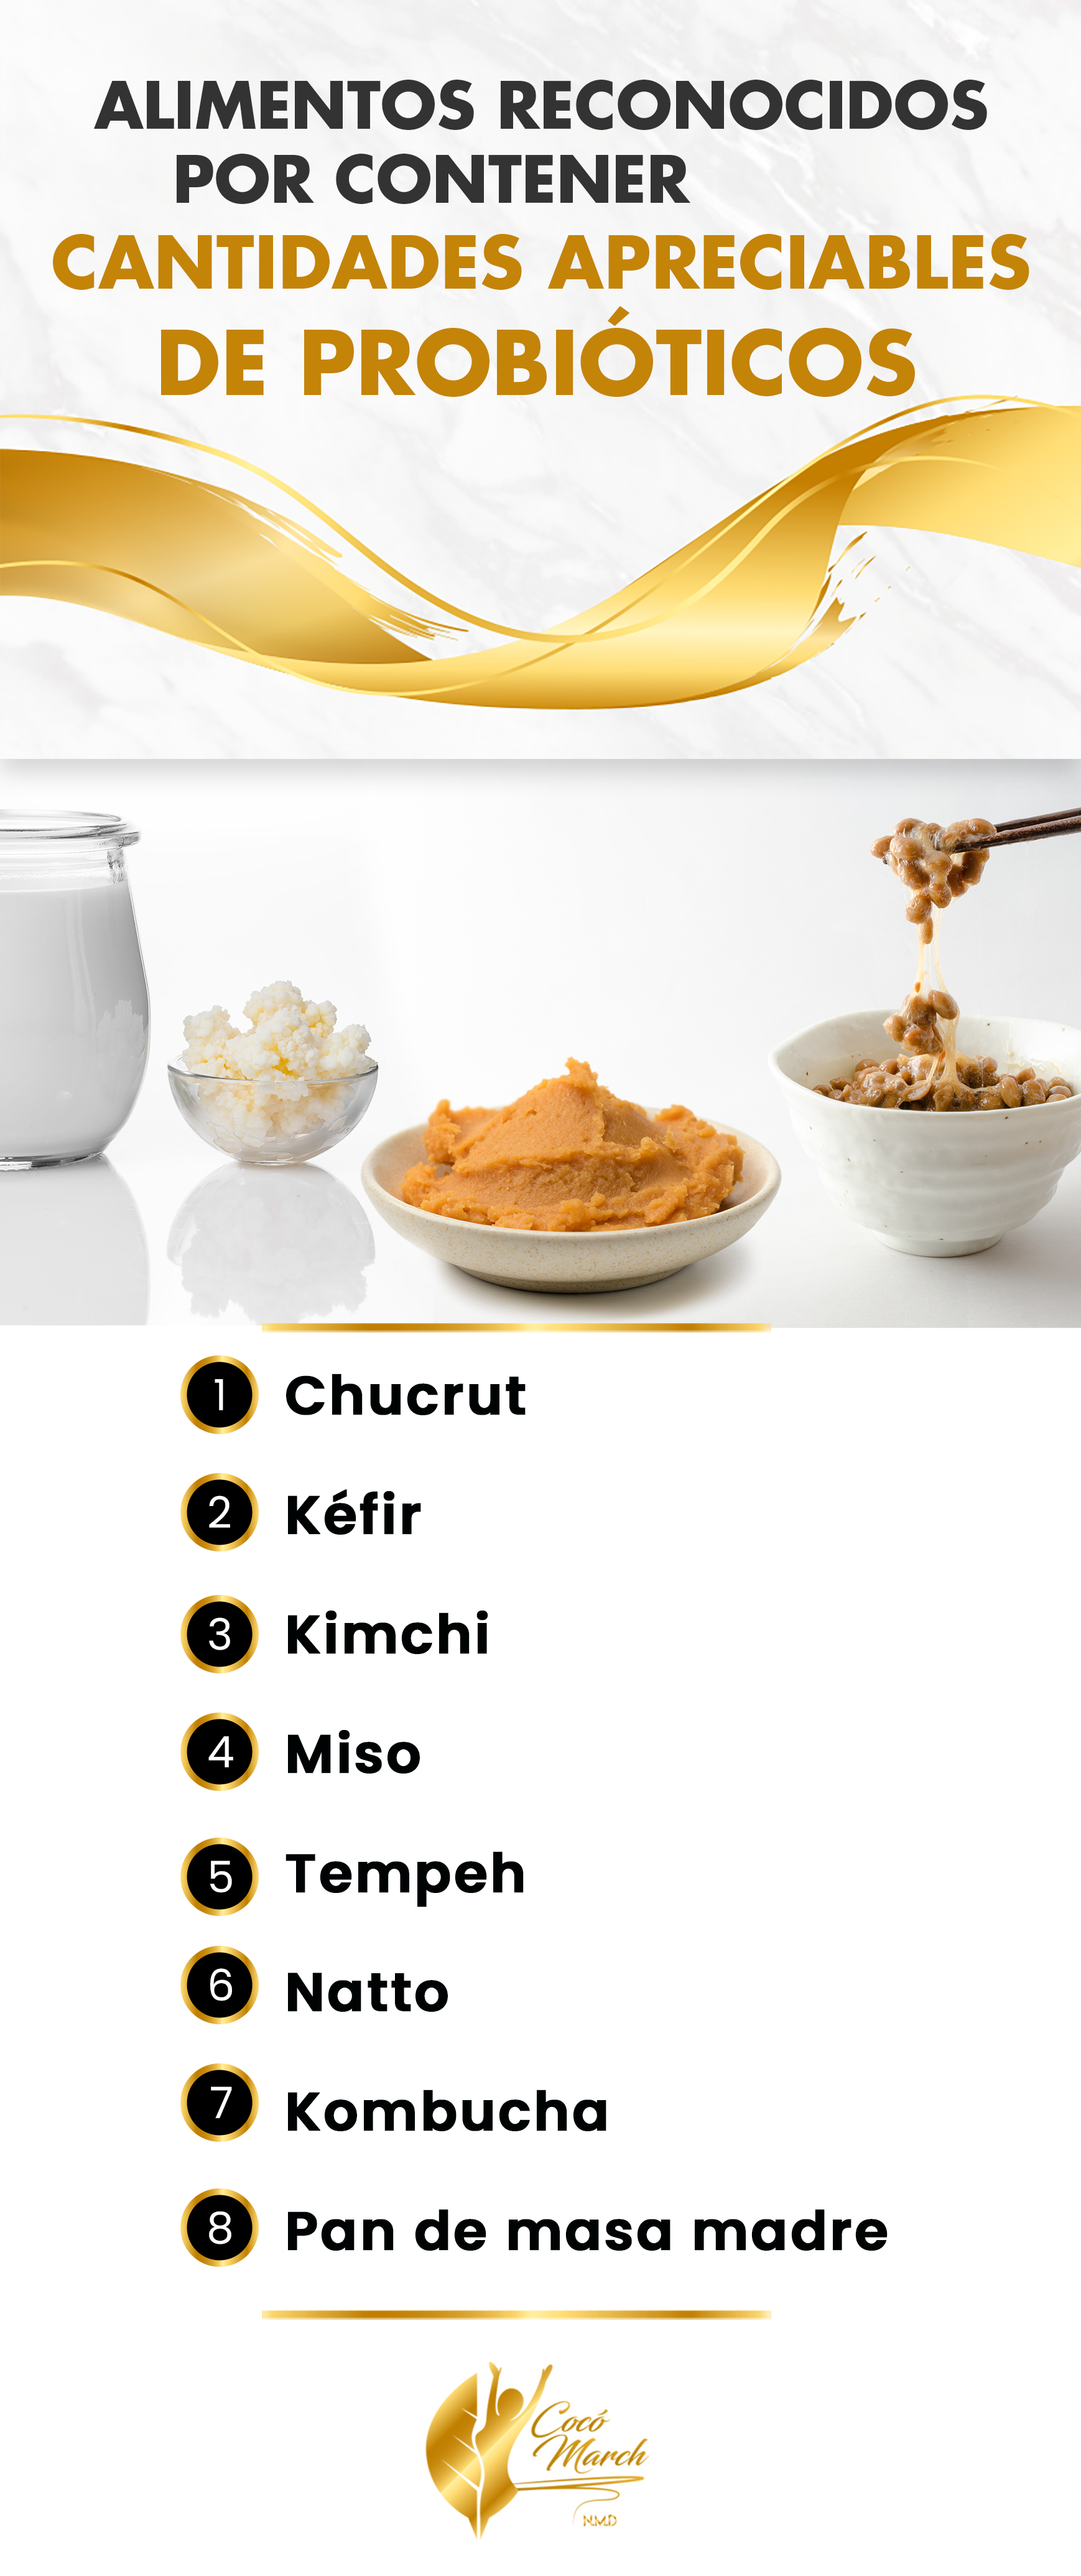 alimentos-reconocidos-para-contener-cantidades-apreciables-de-probioticos